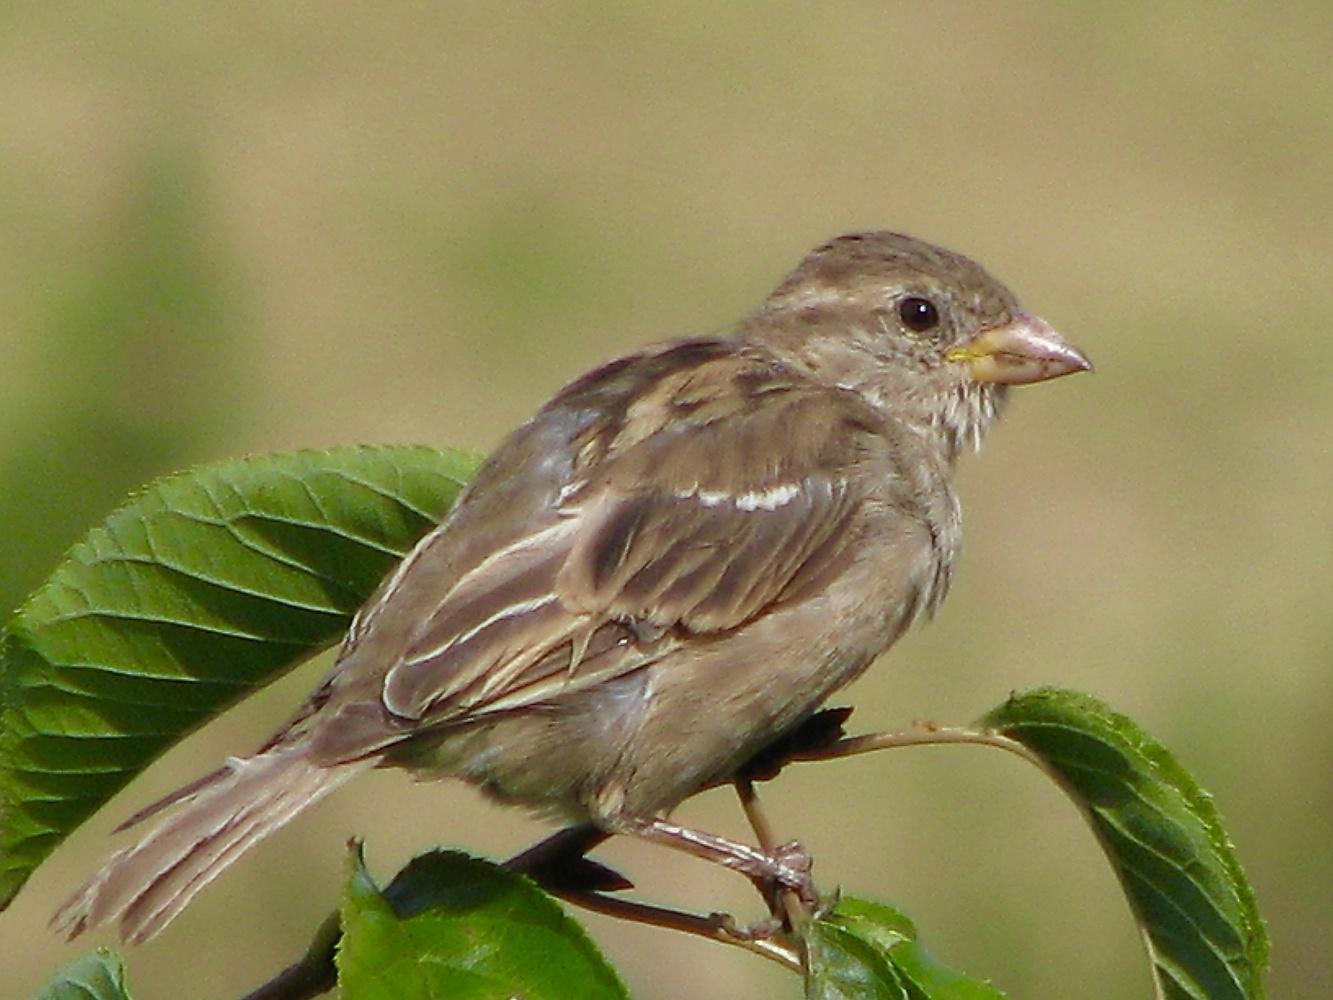 Female Red-winged Blackbird by Paul Asselin